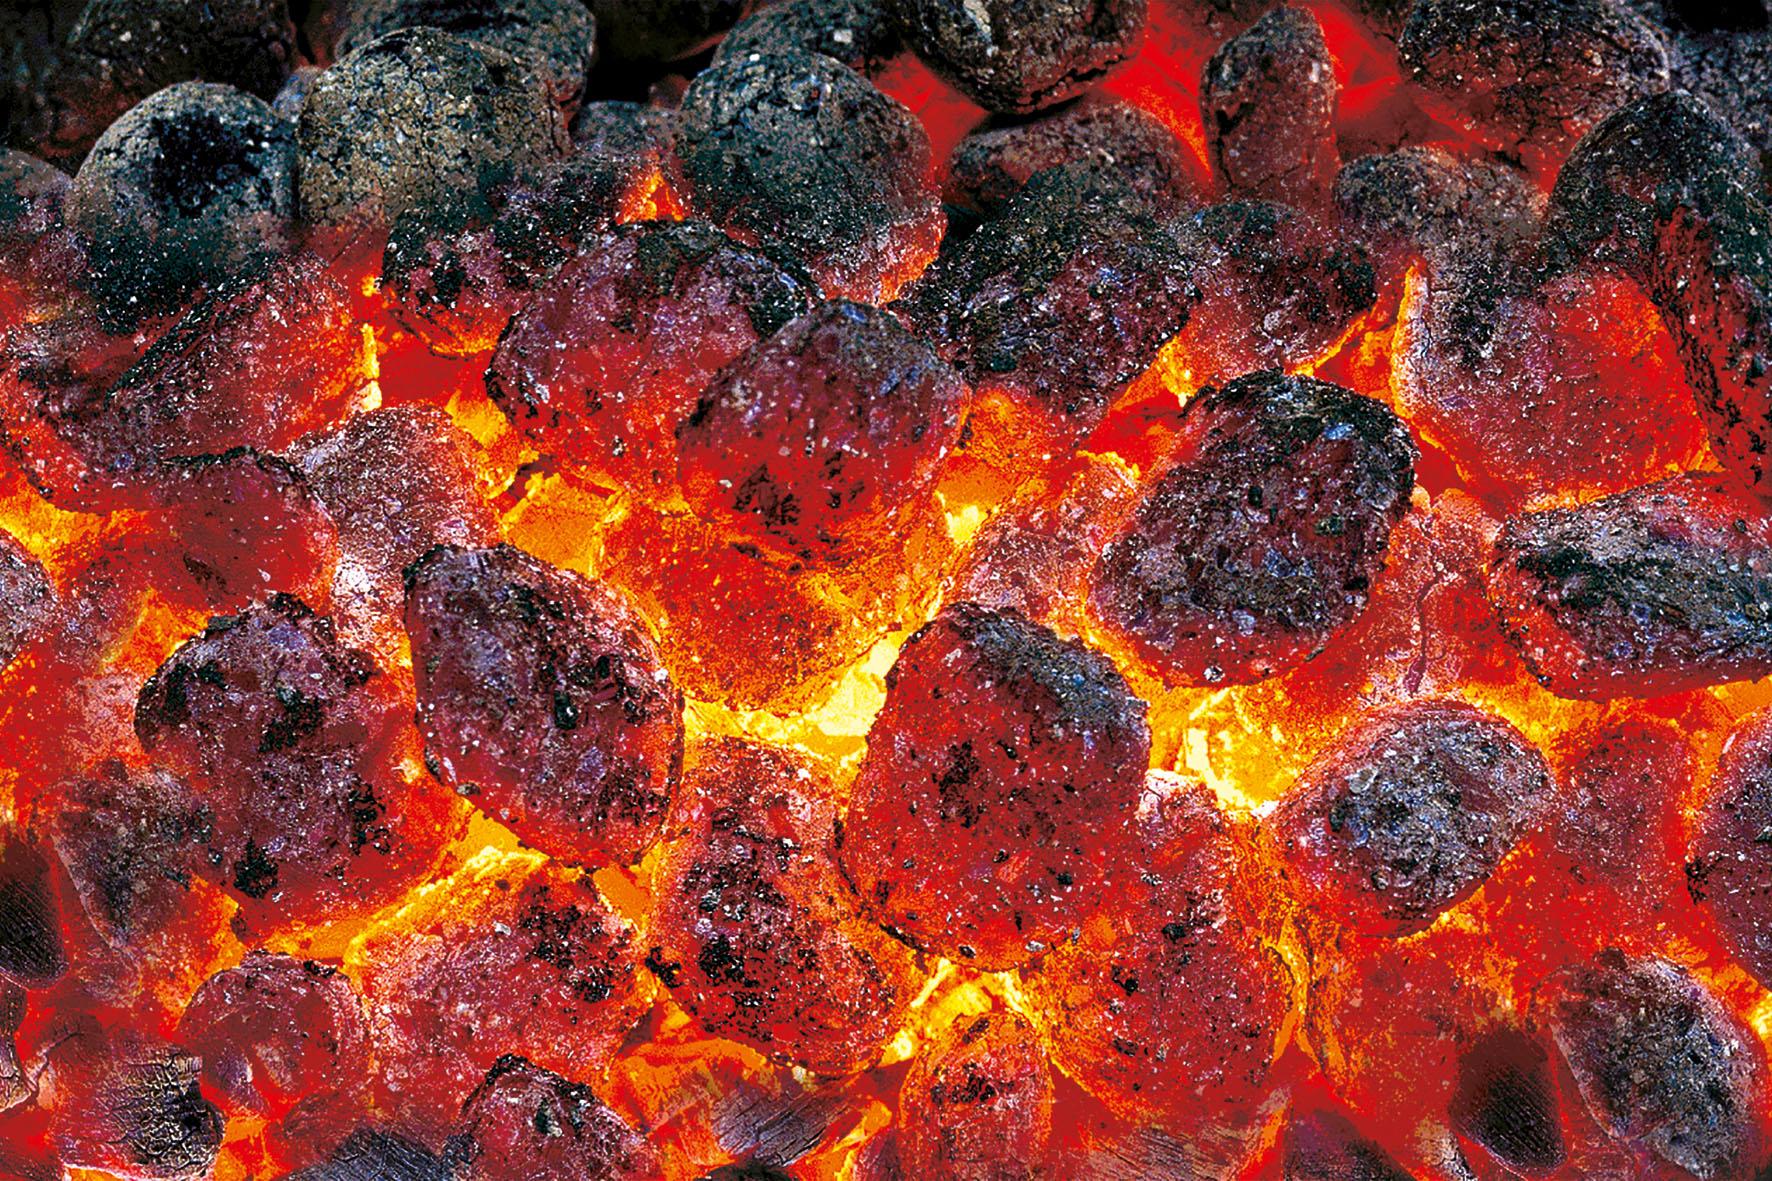 Buchen Grill-Holzkohlebriketts entwickeln eine sehr heiße Glut und brennen gleichmäßig über Stunden hinweg.